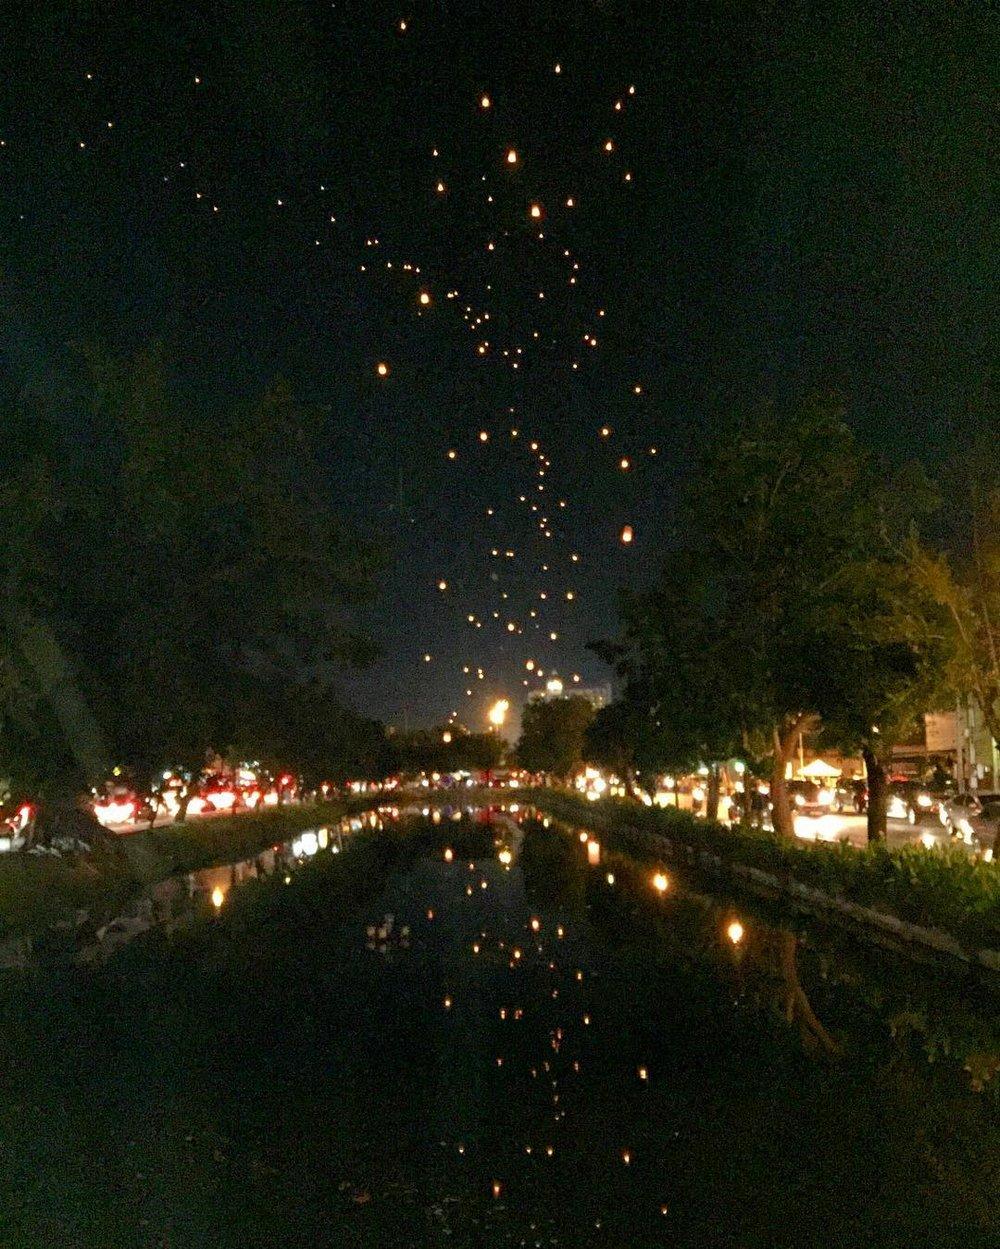 chiang_mai_lanterns_new_years_2016.jpg